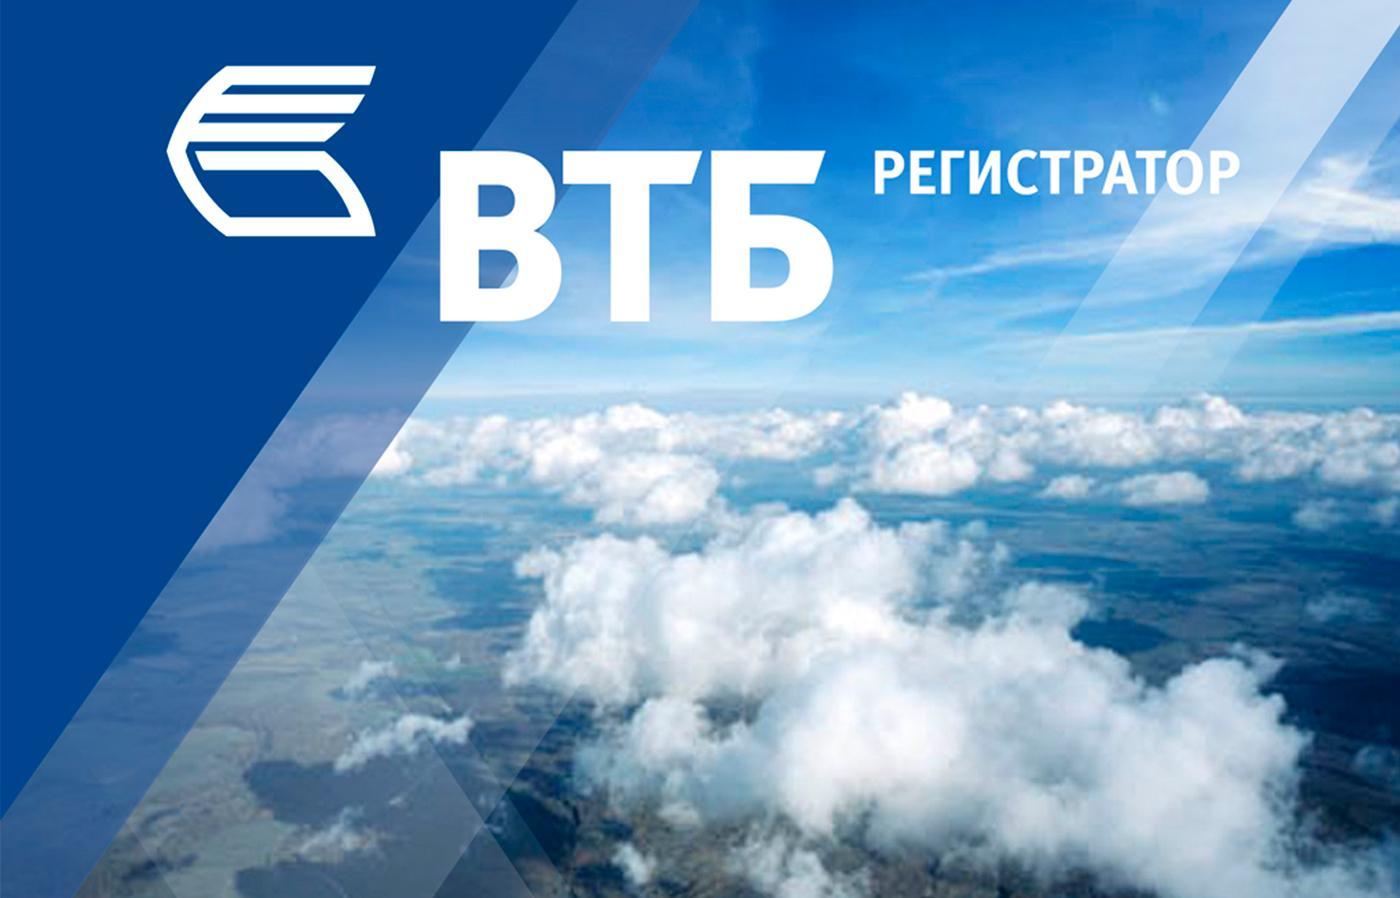 Банк России включил АО ВТБ Регистратор в реестр операторов инвестиционных платформ - новости Афанасий